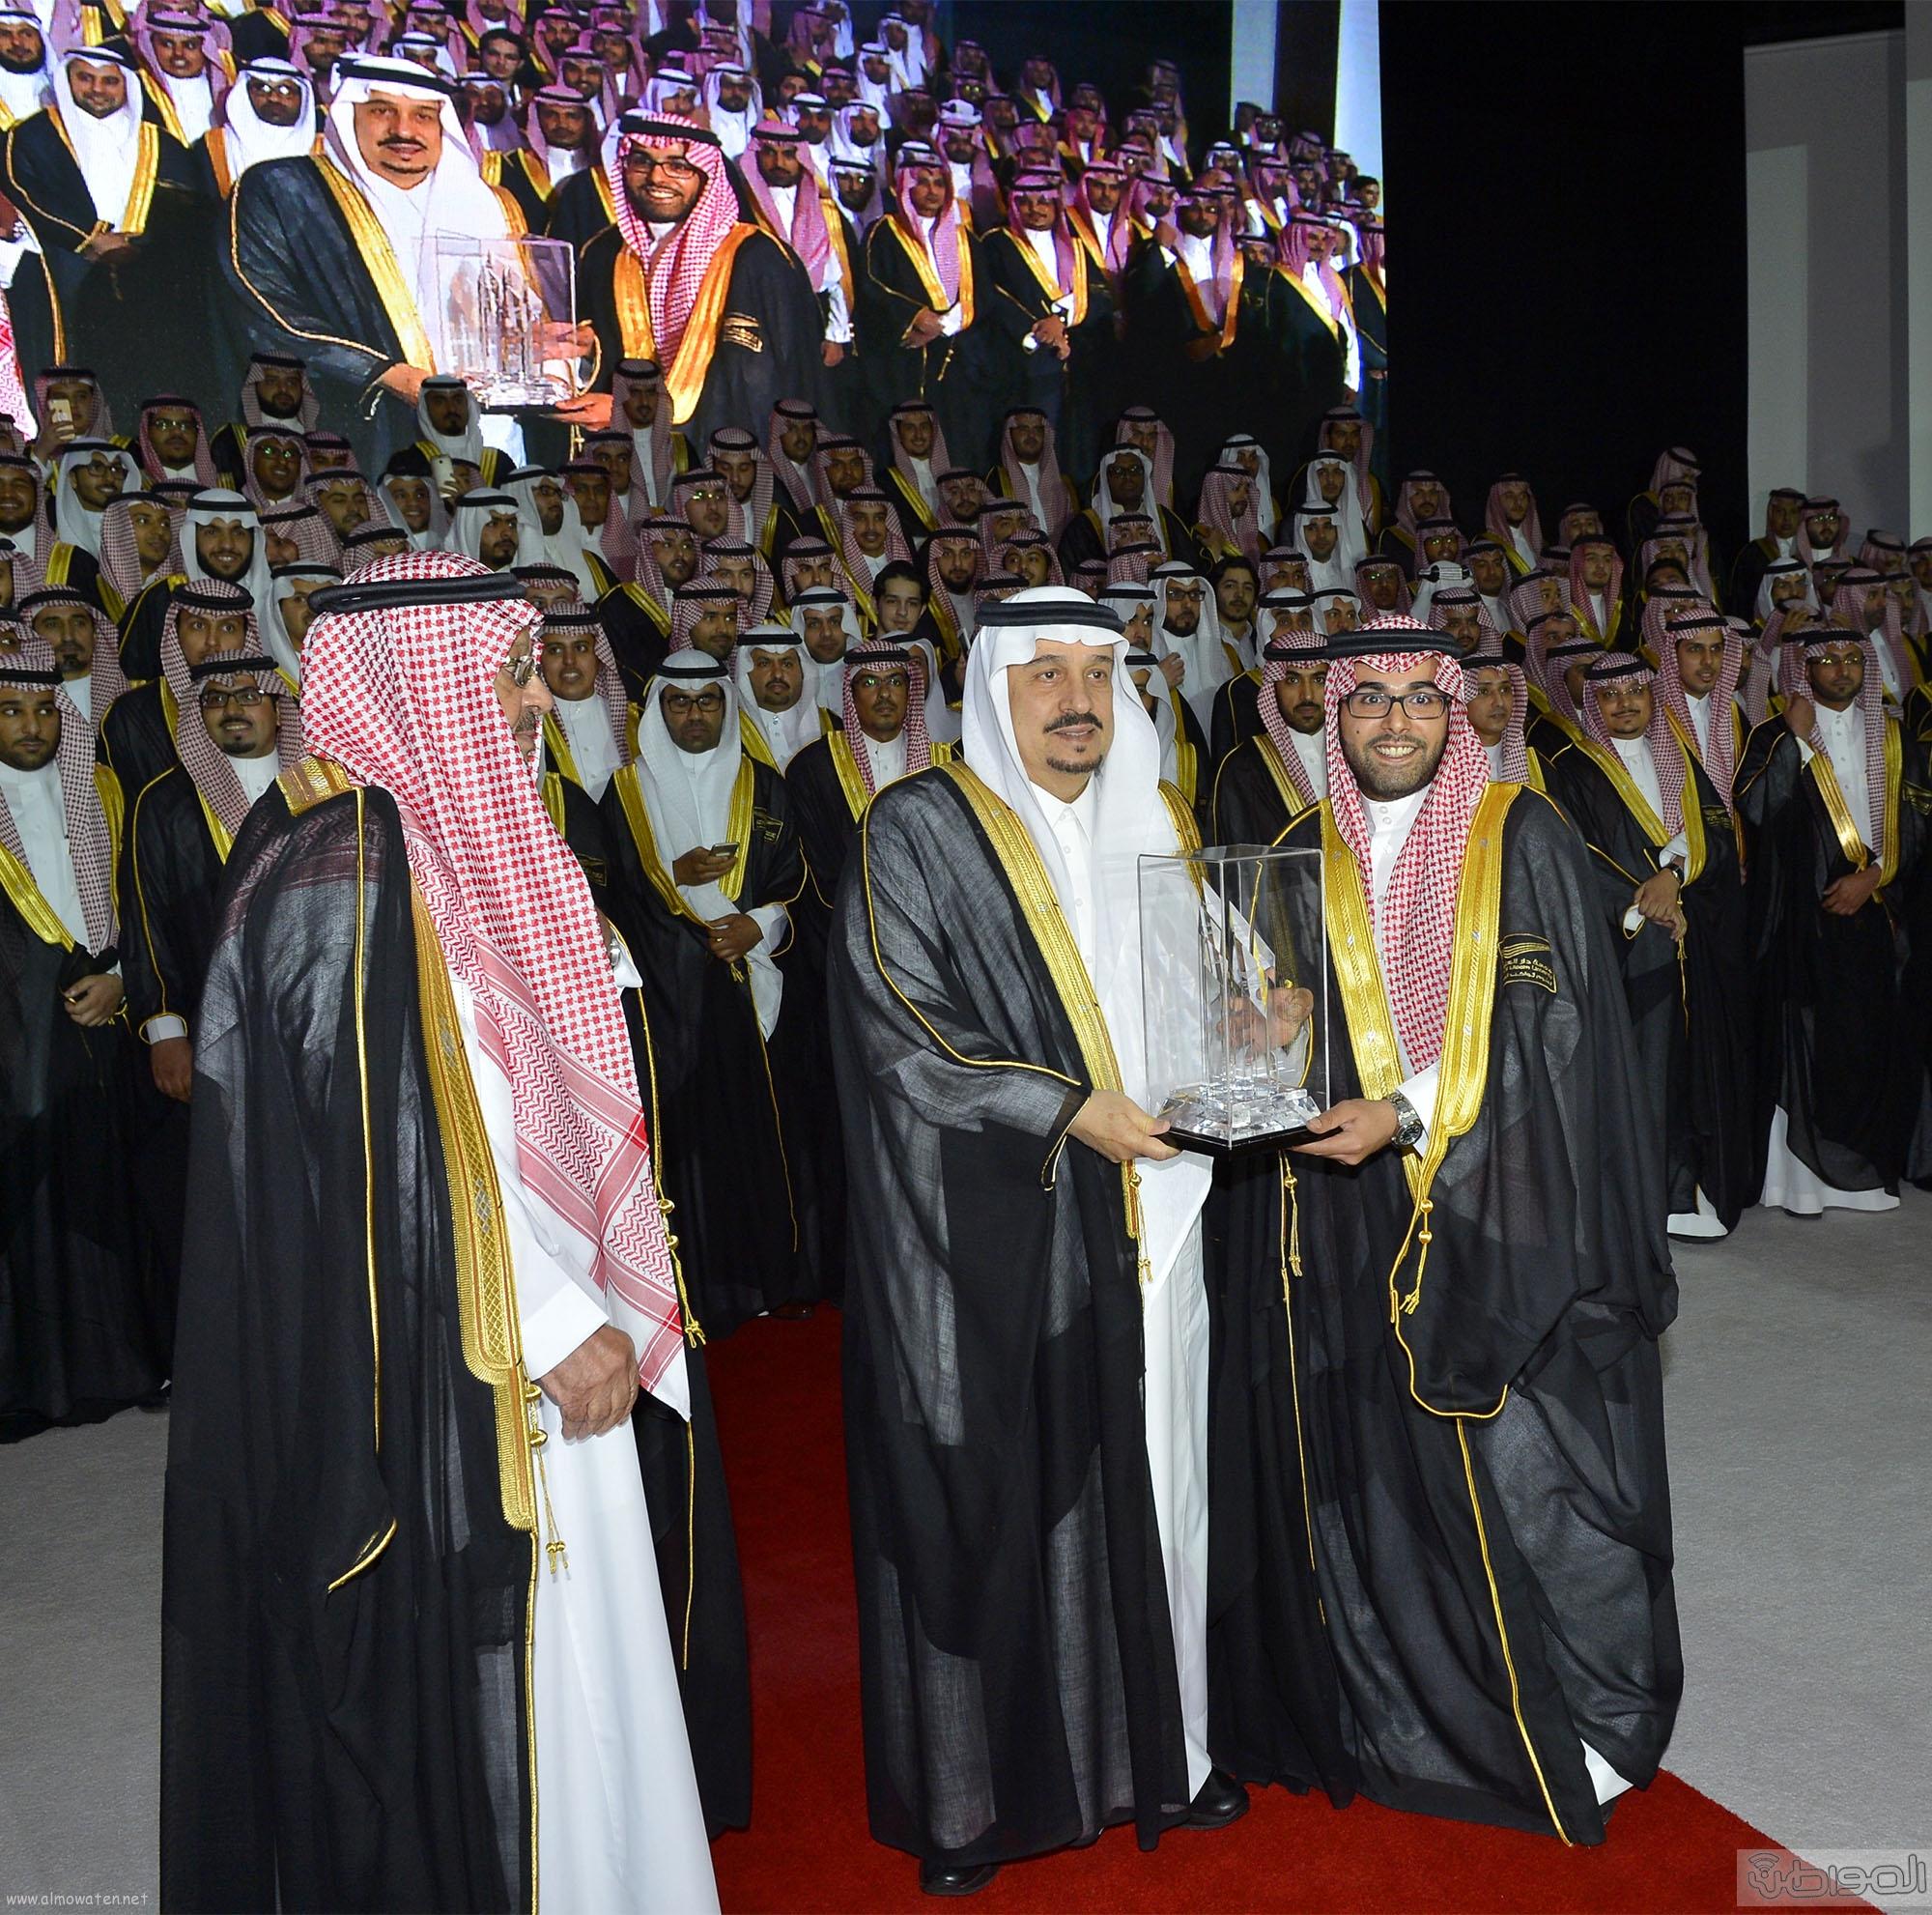 امير الرياض يرعى تخريج طلاب جامعة دار العلوم (11)